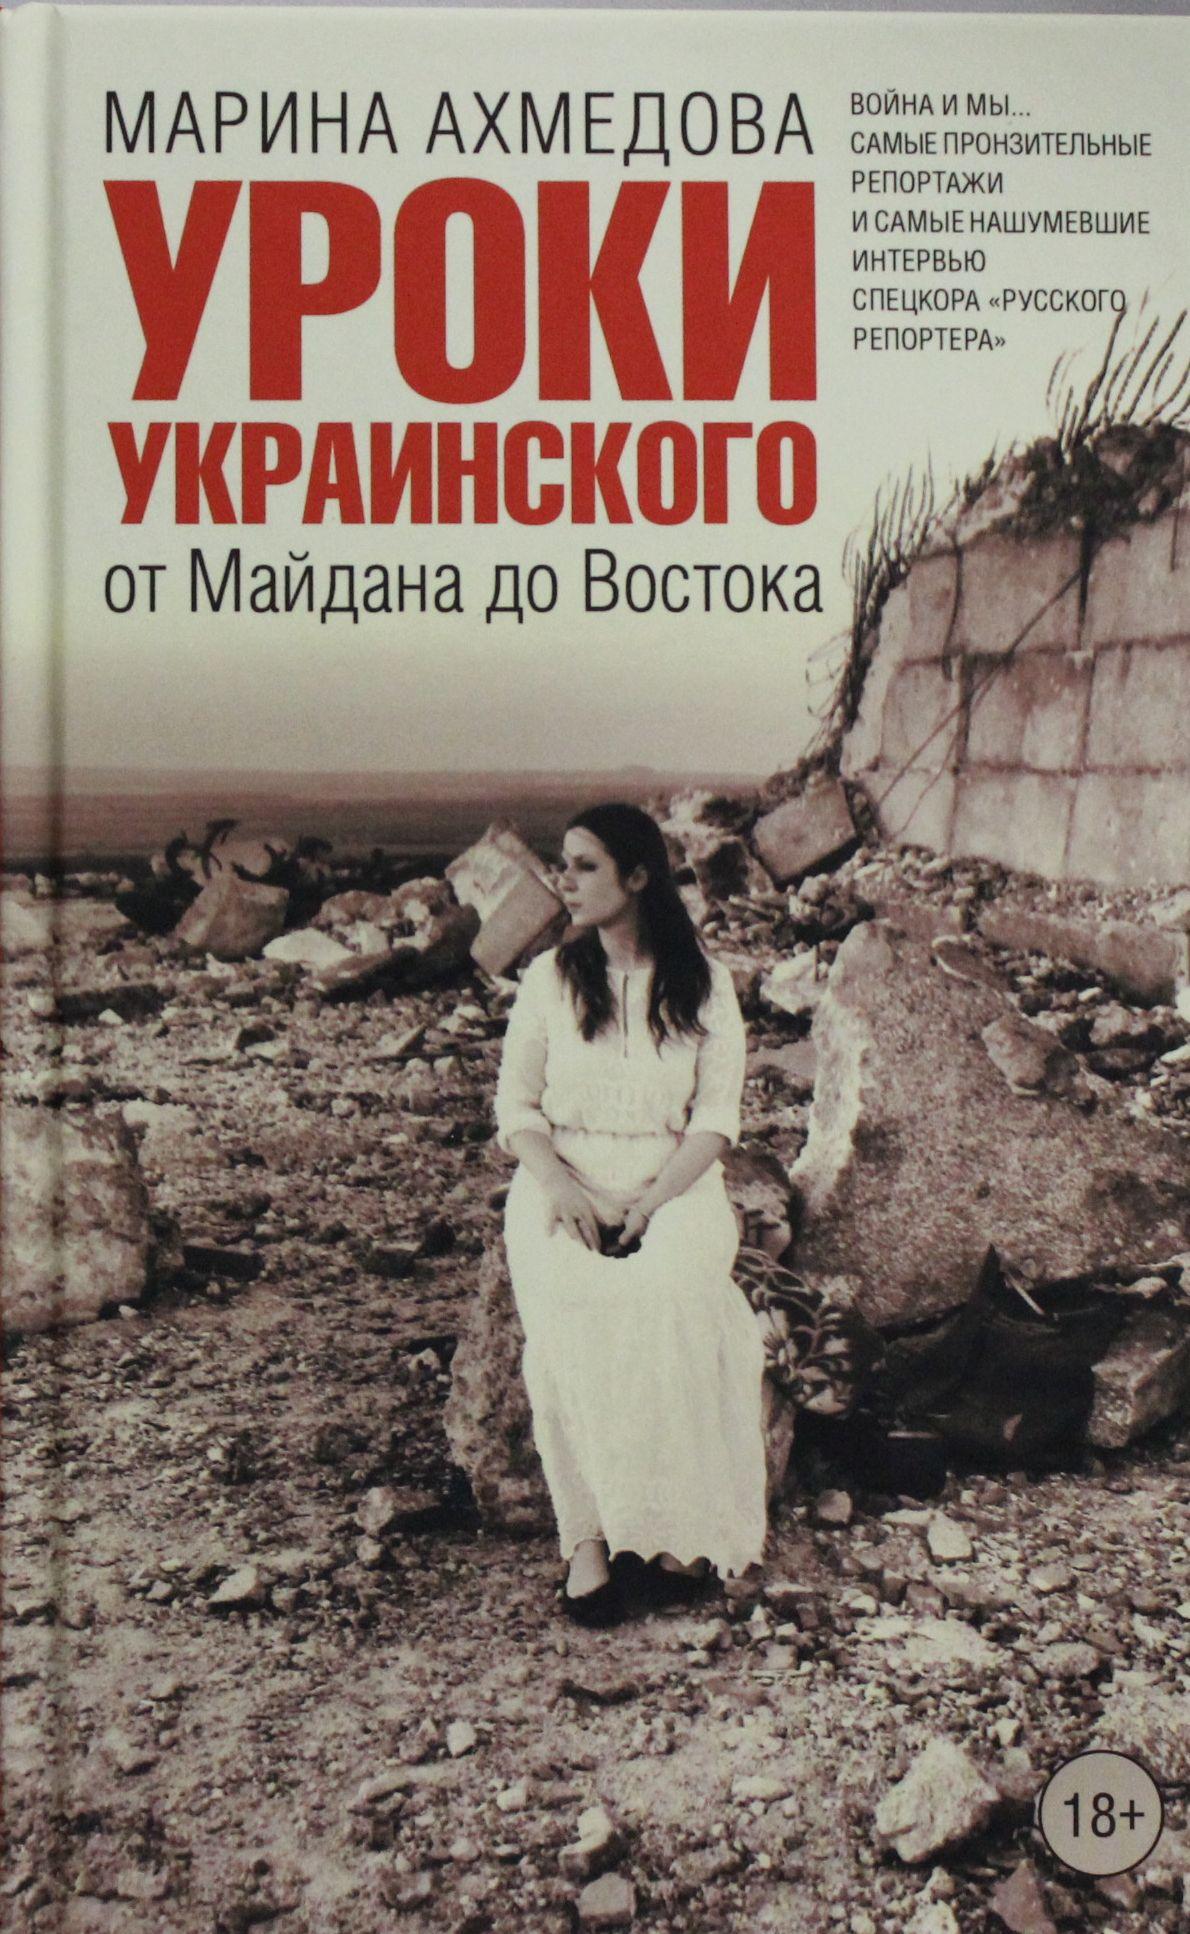 Uroki ukrainskogo